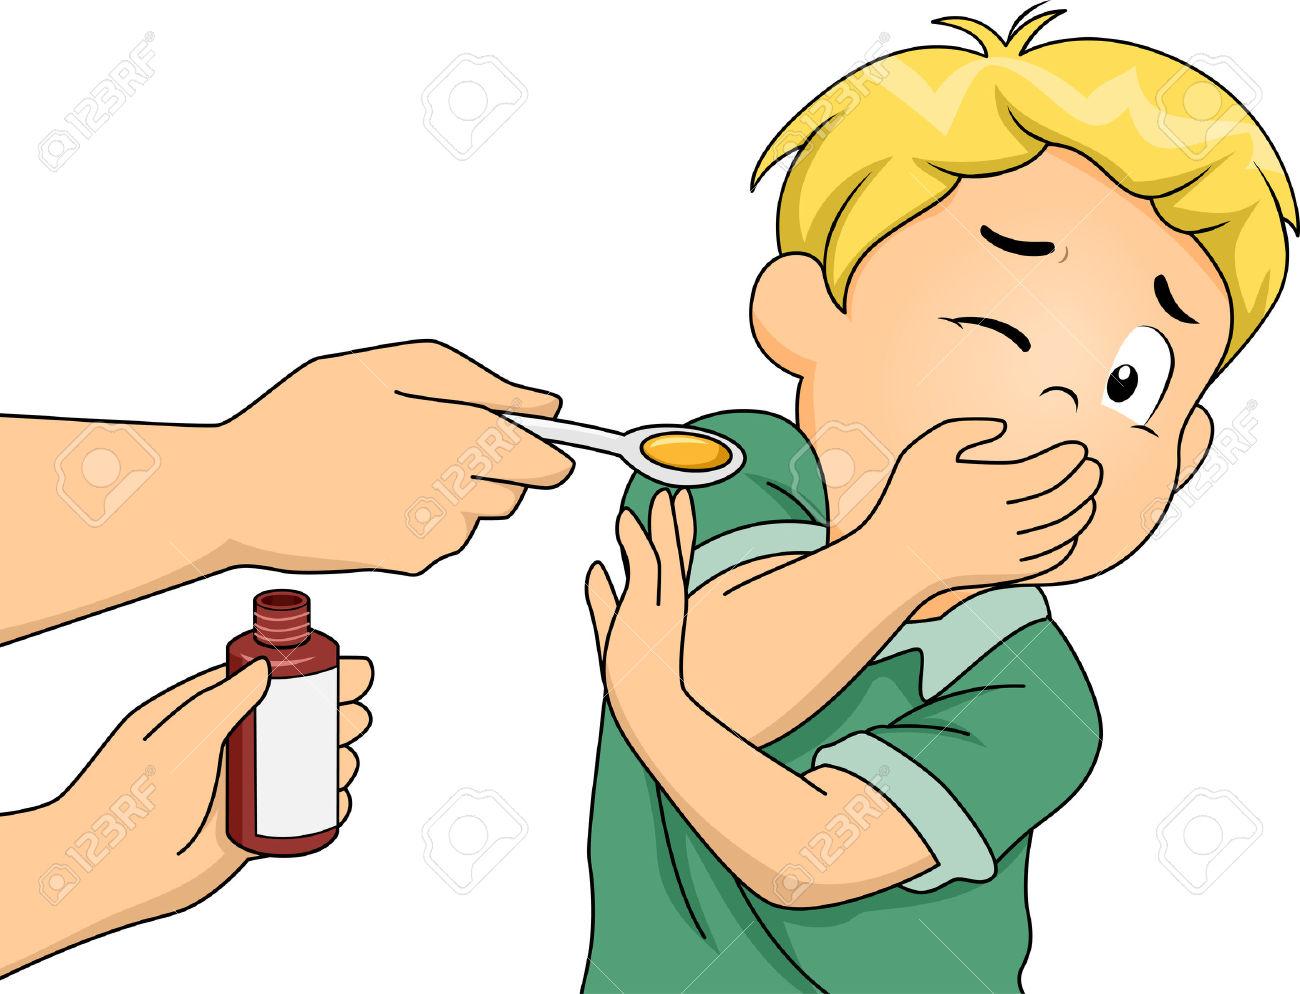 Pills clipart liquid medicine Picture Print Art Clip Medication